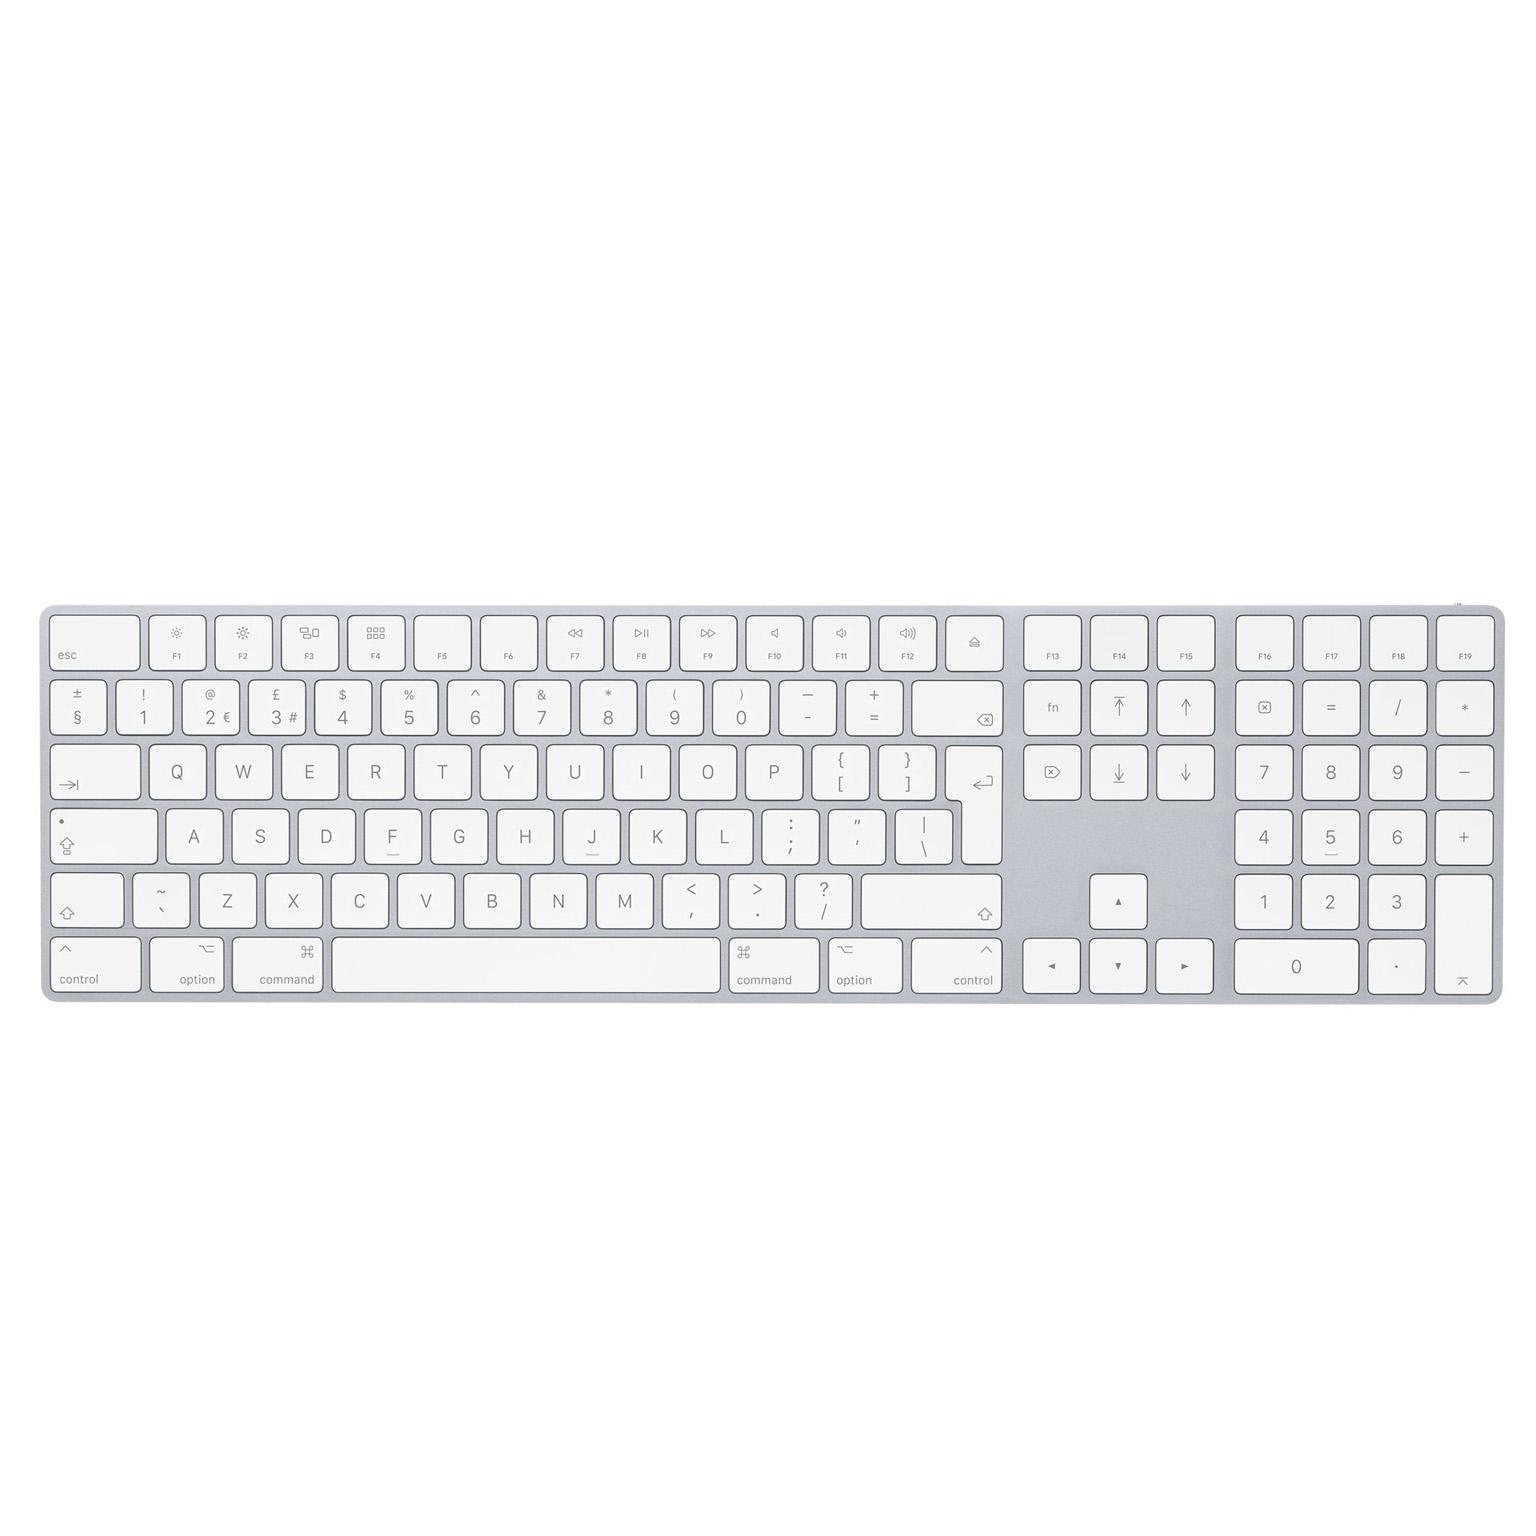 https://image.allekabels.nl/thumbnail/1656268-0/draadloos-toetsenbord-apple-voeding-accu.jpg